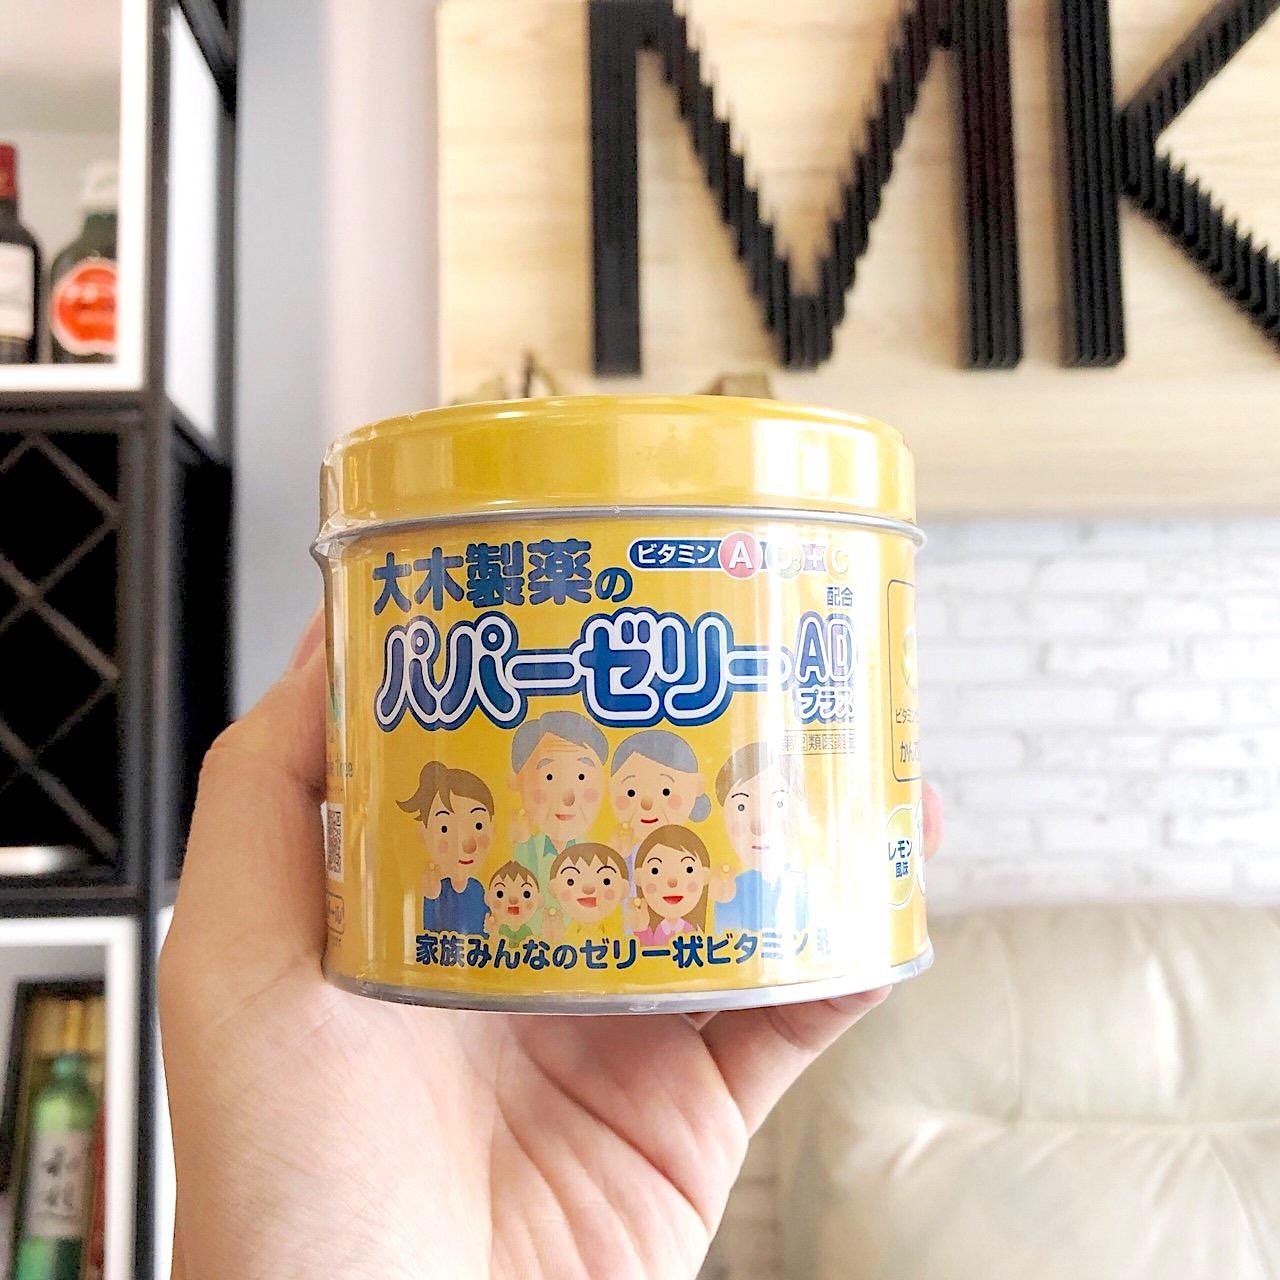 Kẹo biếng ăn 120 viên hộp màu vàng vị cam hàng nội địa Nhật